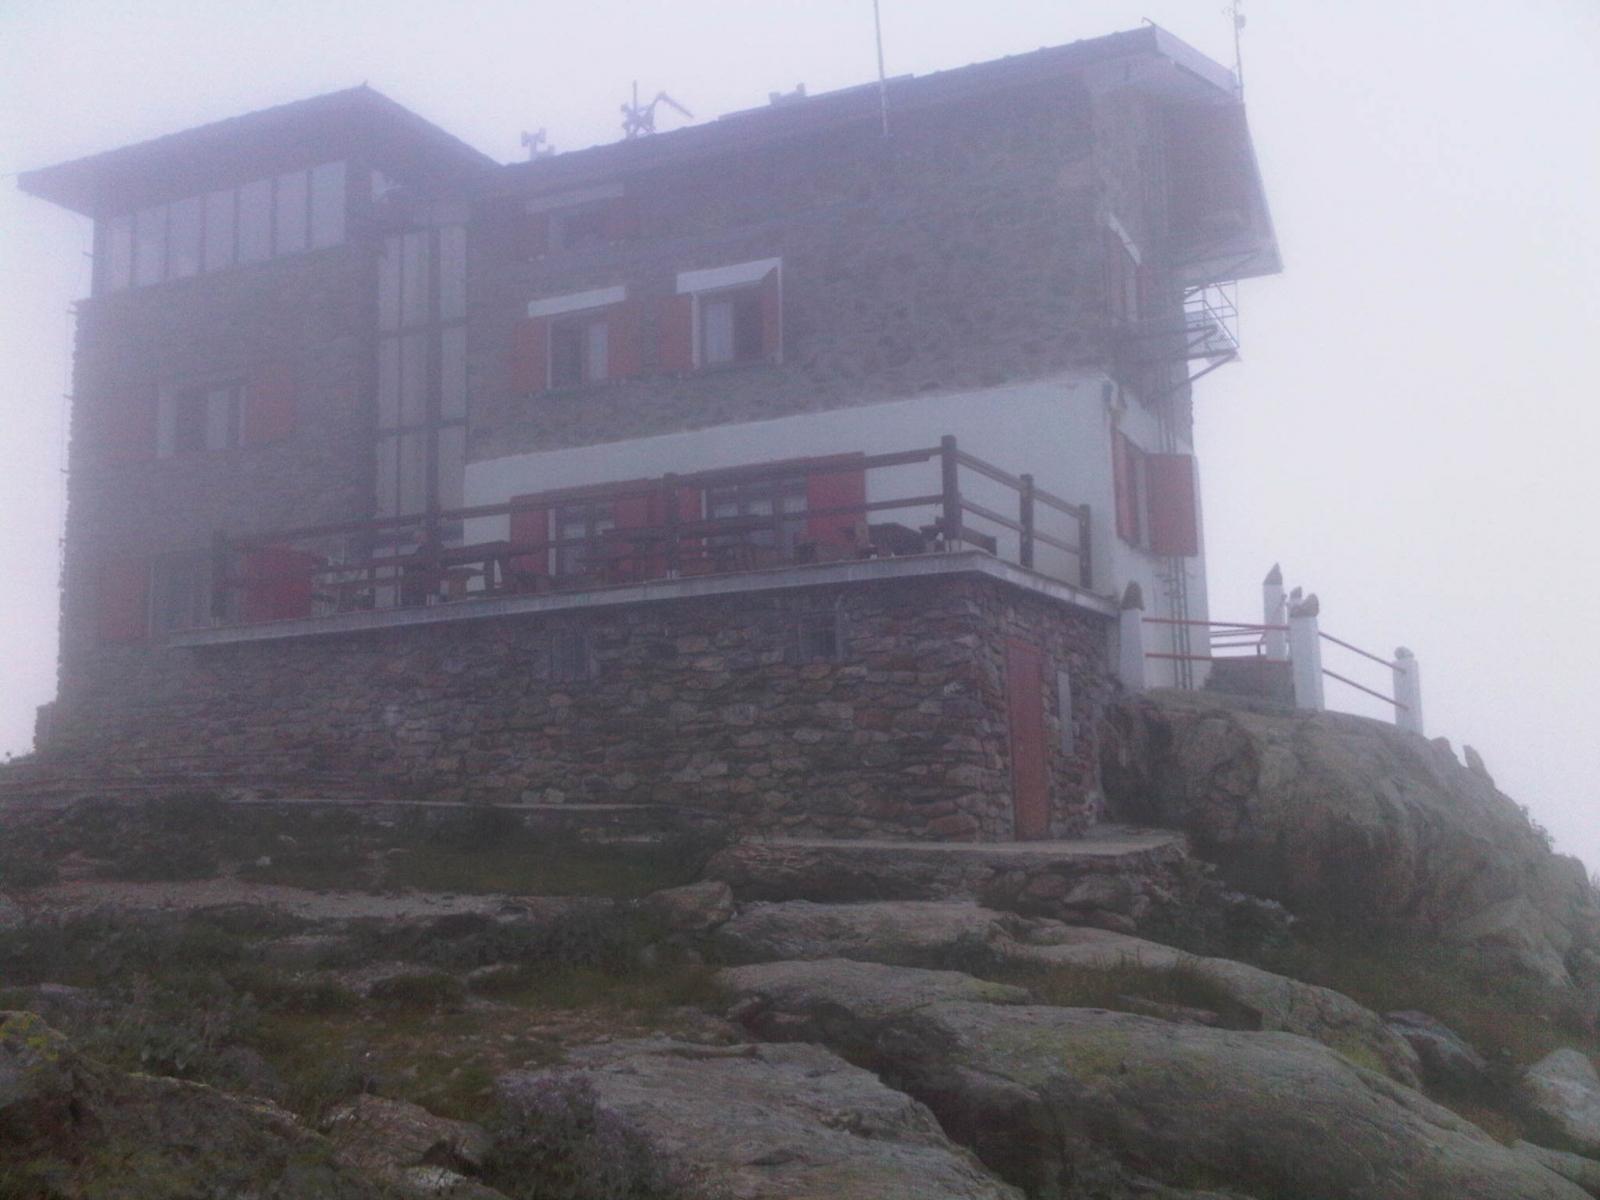 Mte. Argentera 08-11 August 2012 (Photo 20)